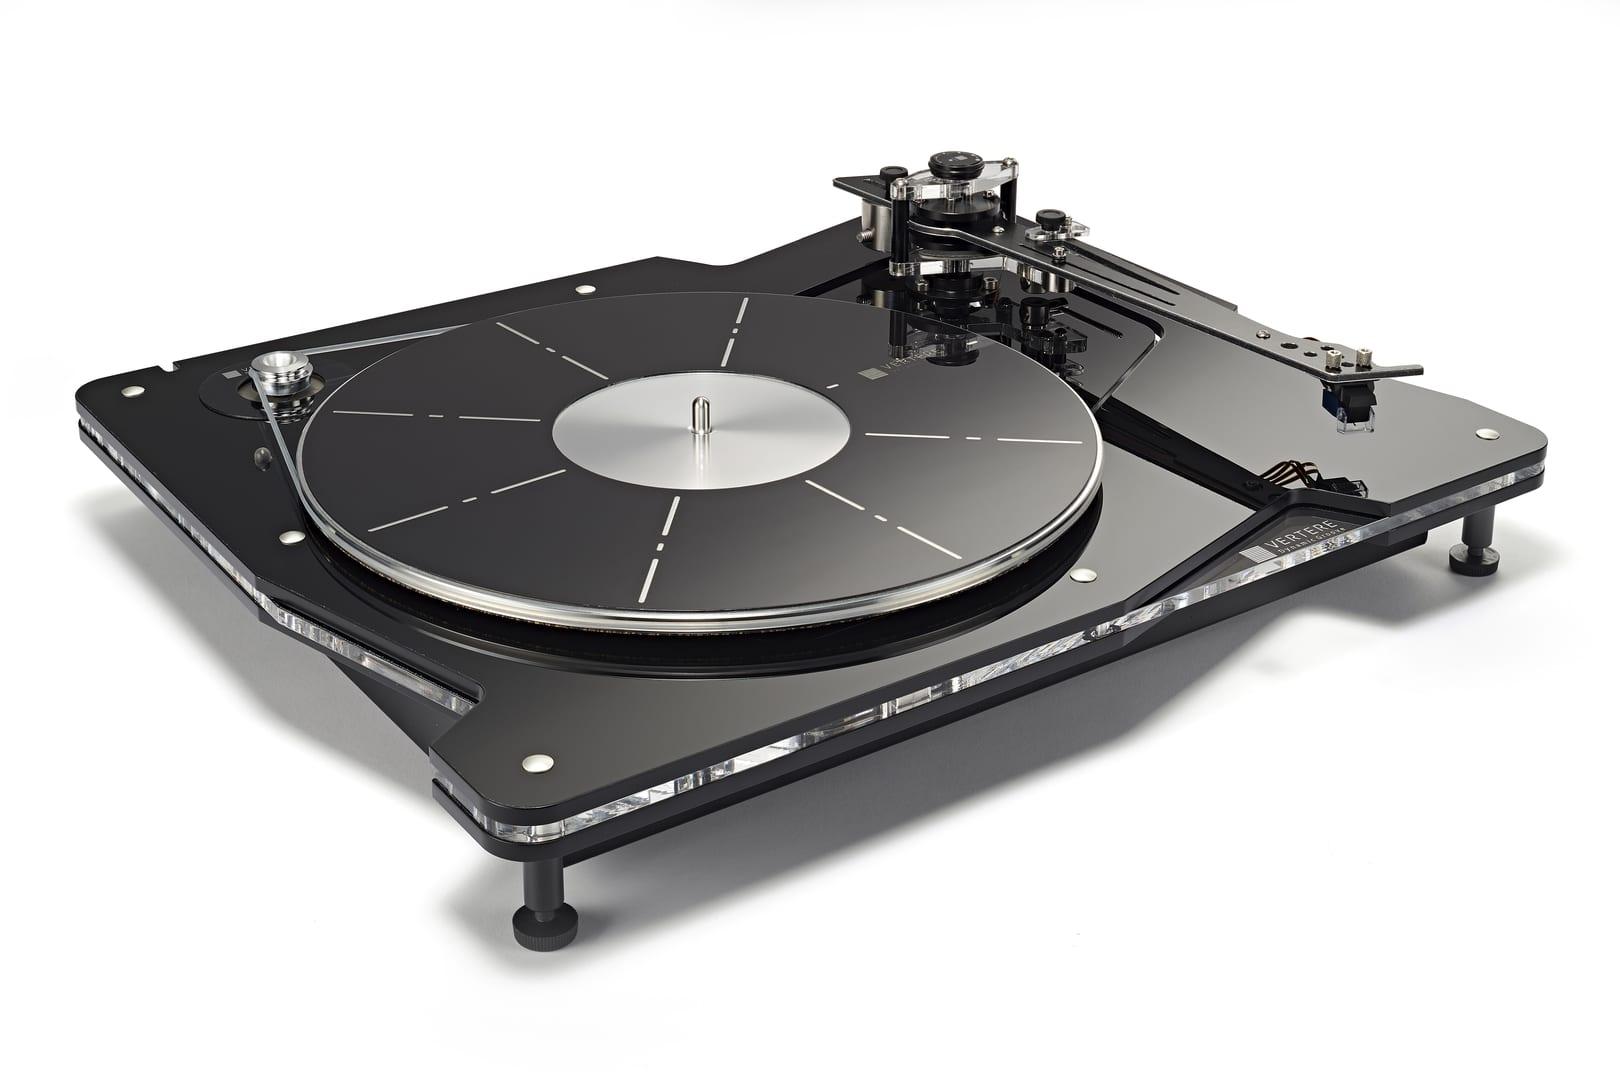 Vertere Acoustics DG-1 turntable